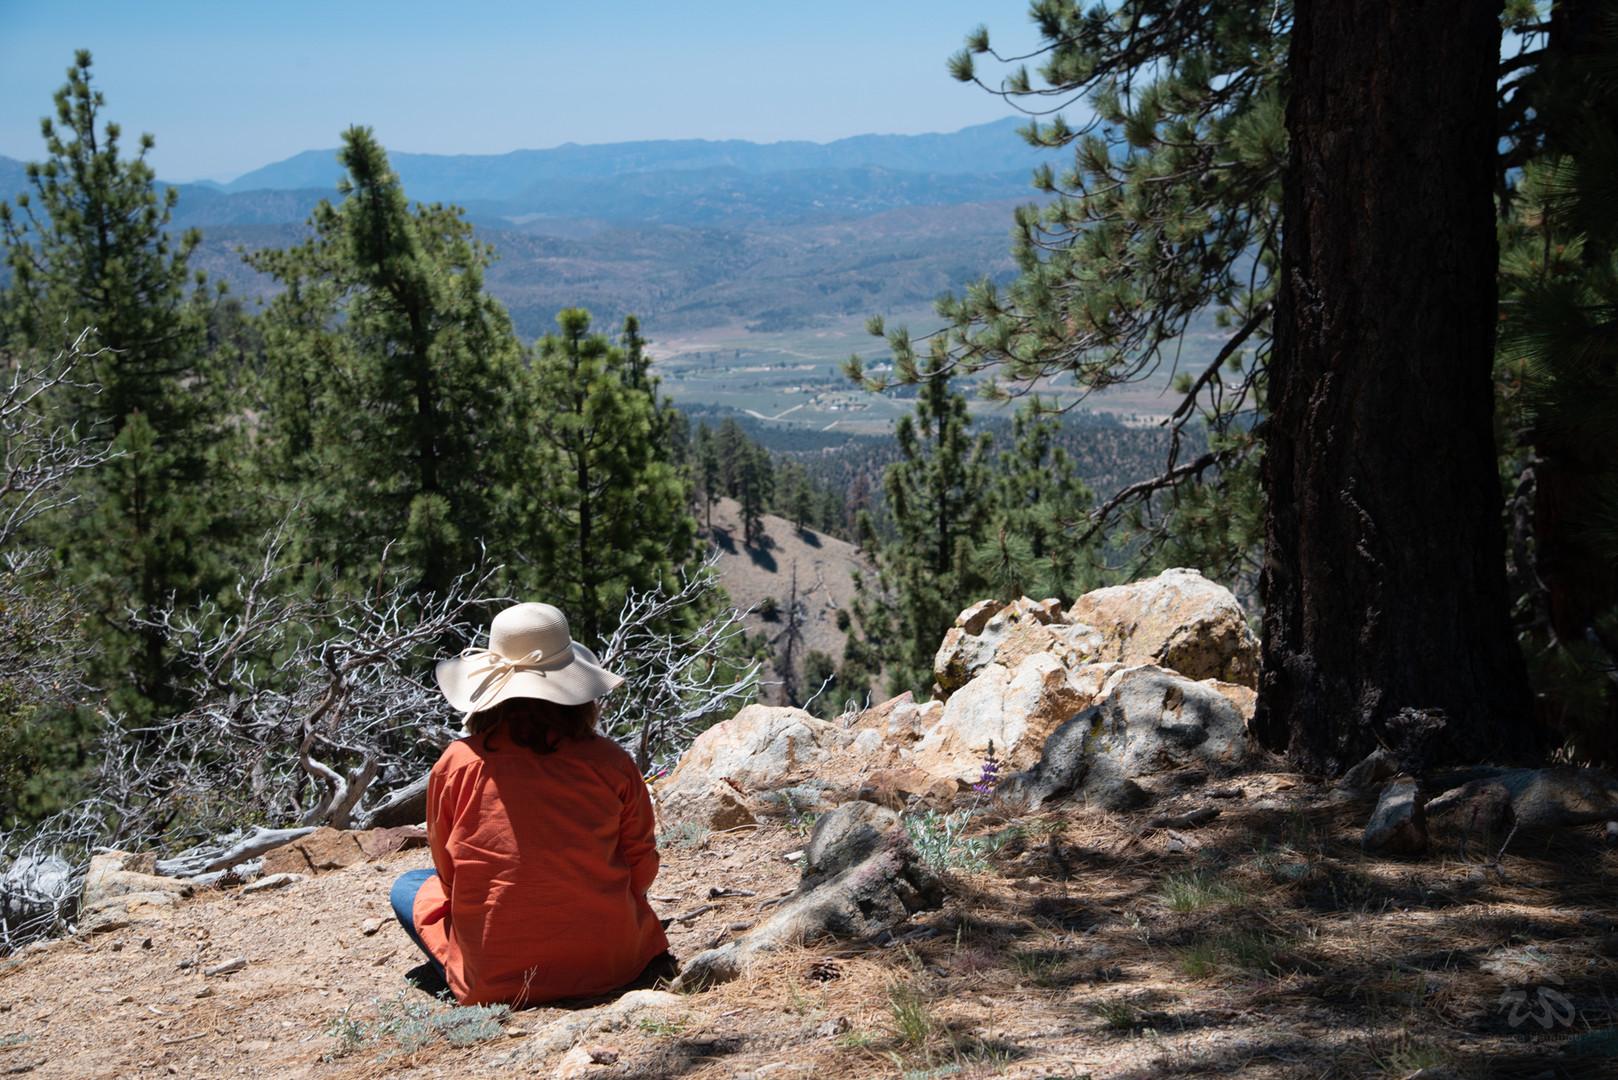 Nature Journaling at Iris Point, Mt. Pinos.